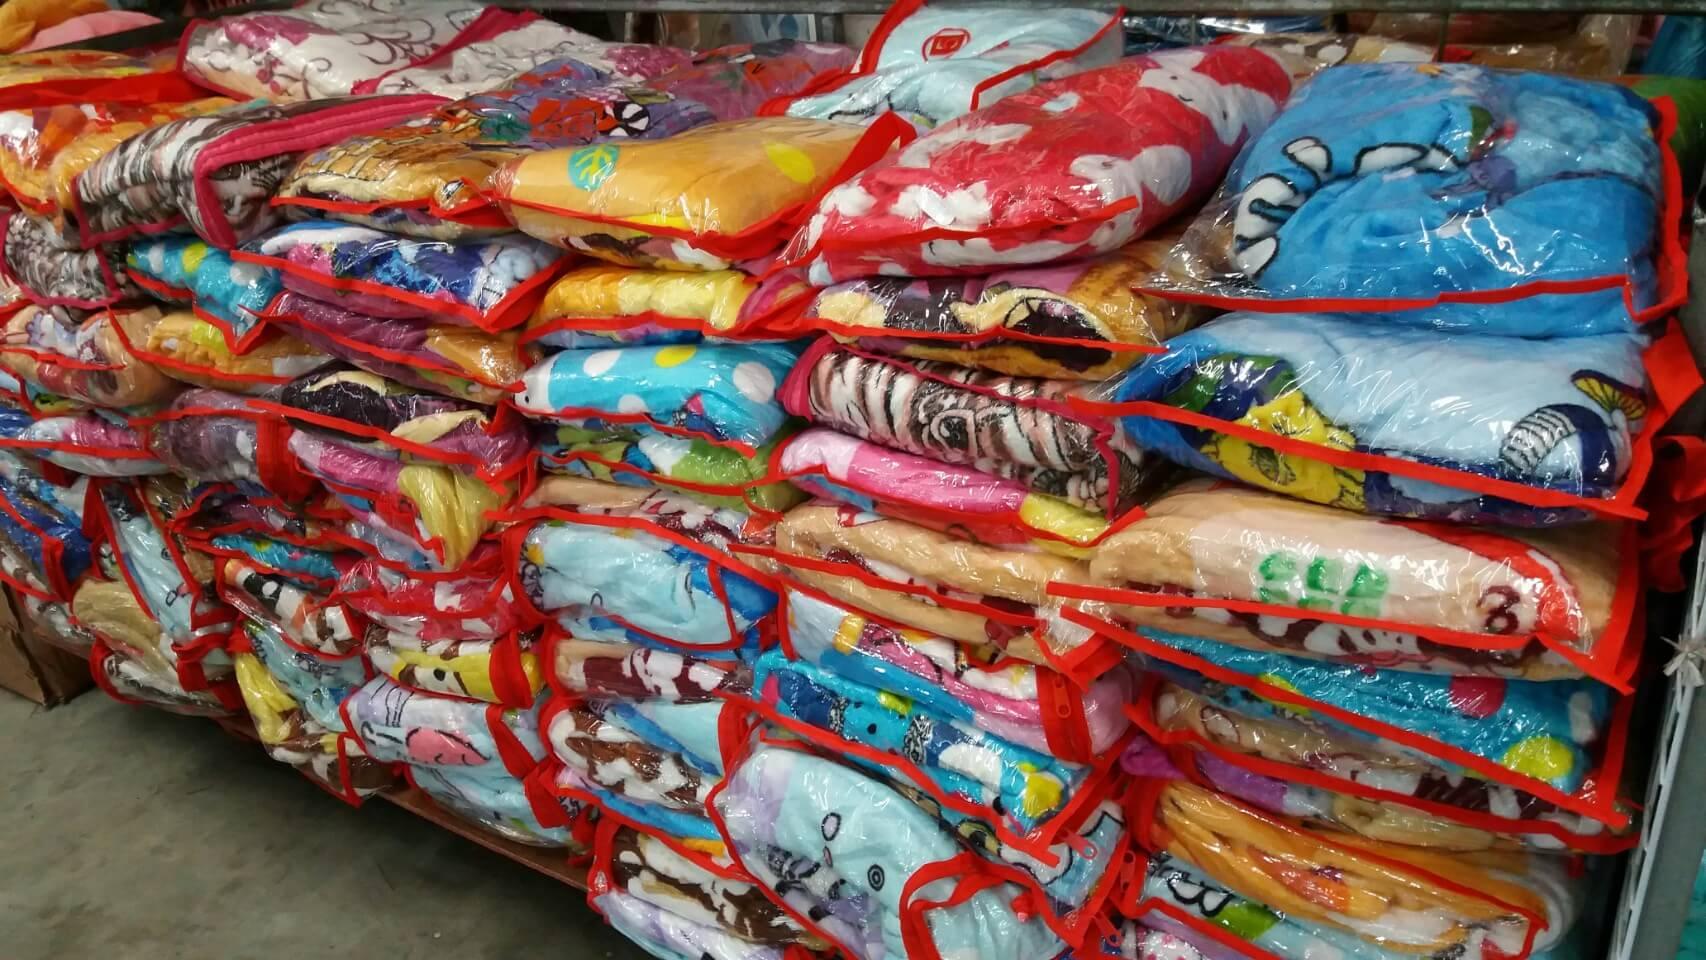 ขายส่ง ผ้าห่มนาโน 5 ฟุต แบบบาง ลายการ์ตูน ส่ง 55 บาท